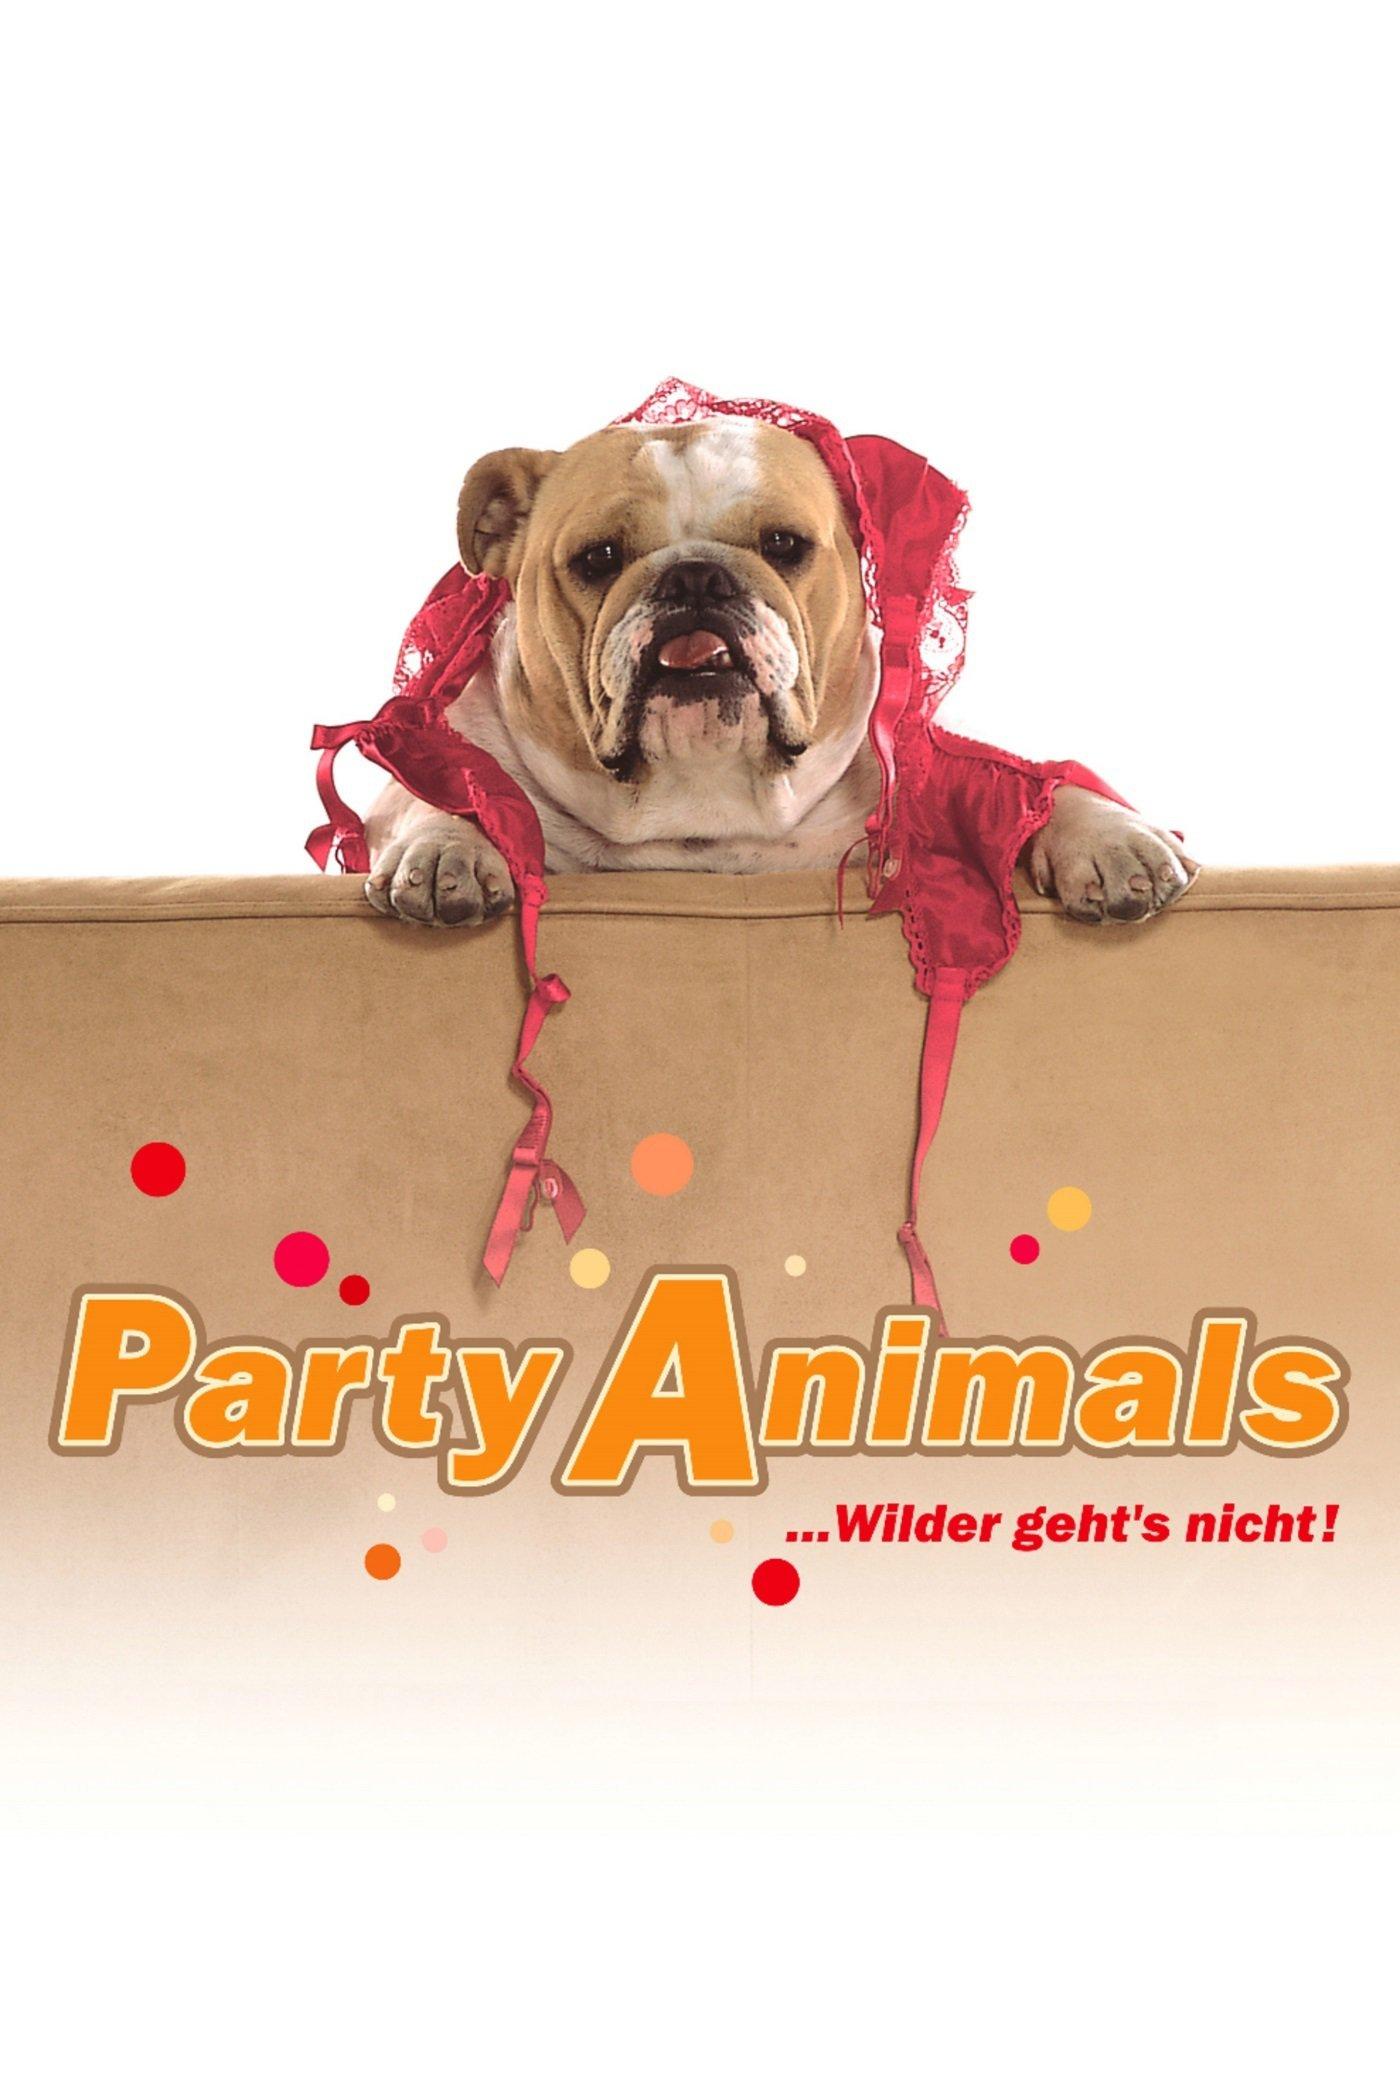 """""""Party Animals - ... wilder geht's nicht!"""""""